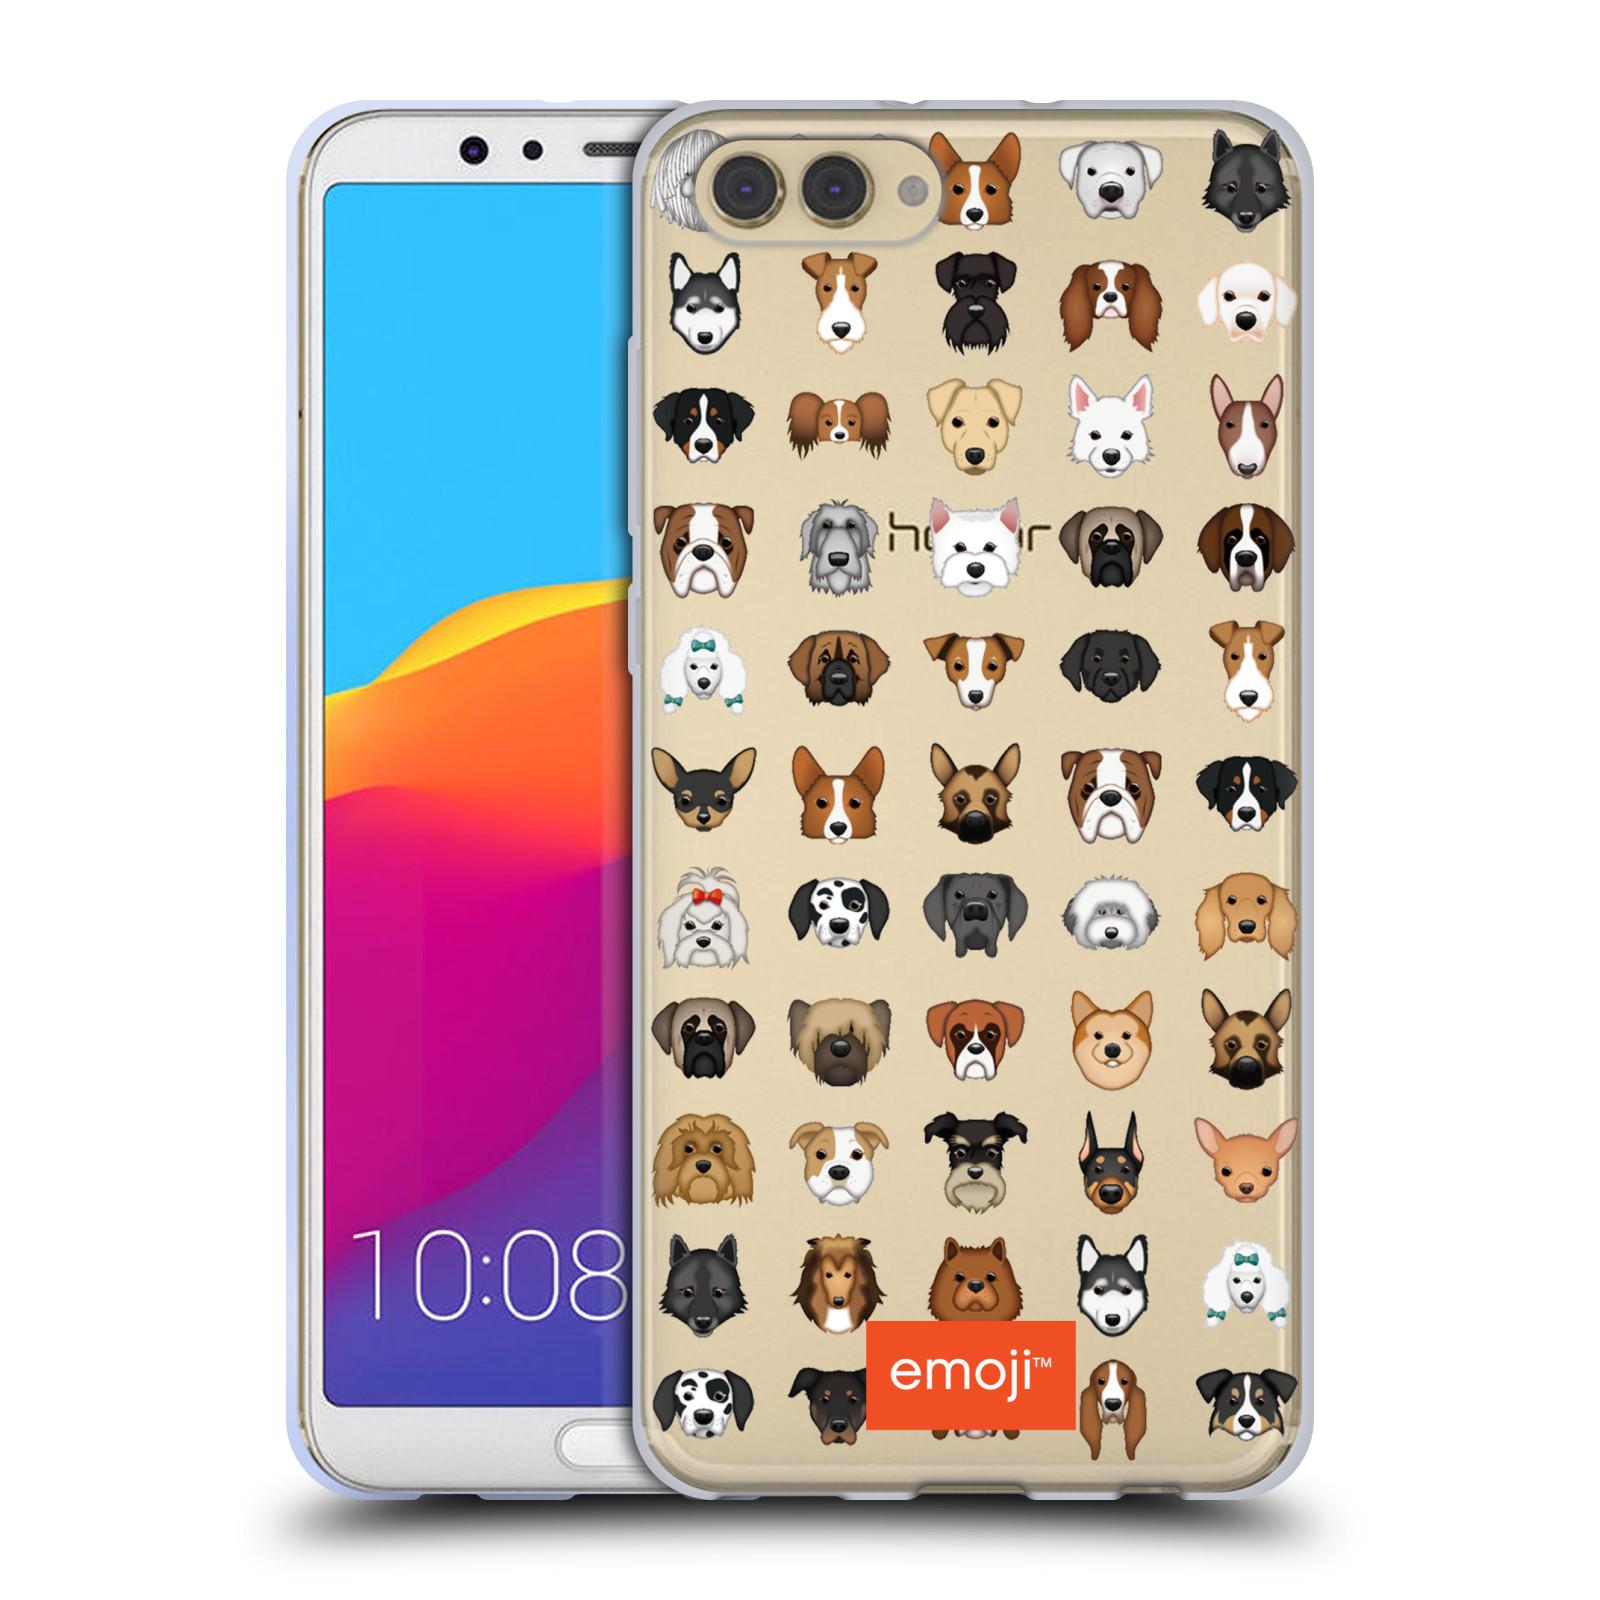 HEAD CASE silikonový obal na mobil Huawei HONOR VIEW 10 / V10 oficiální kryt EMOJI rasy pejsků série 2